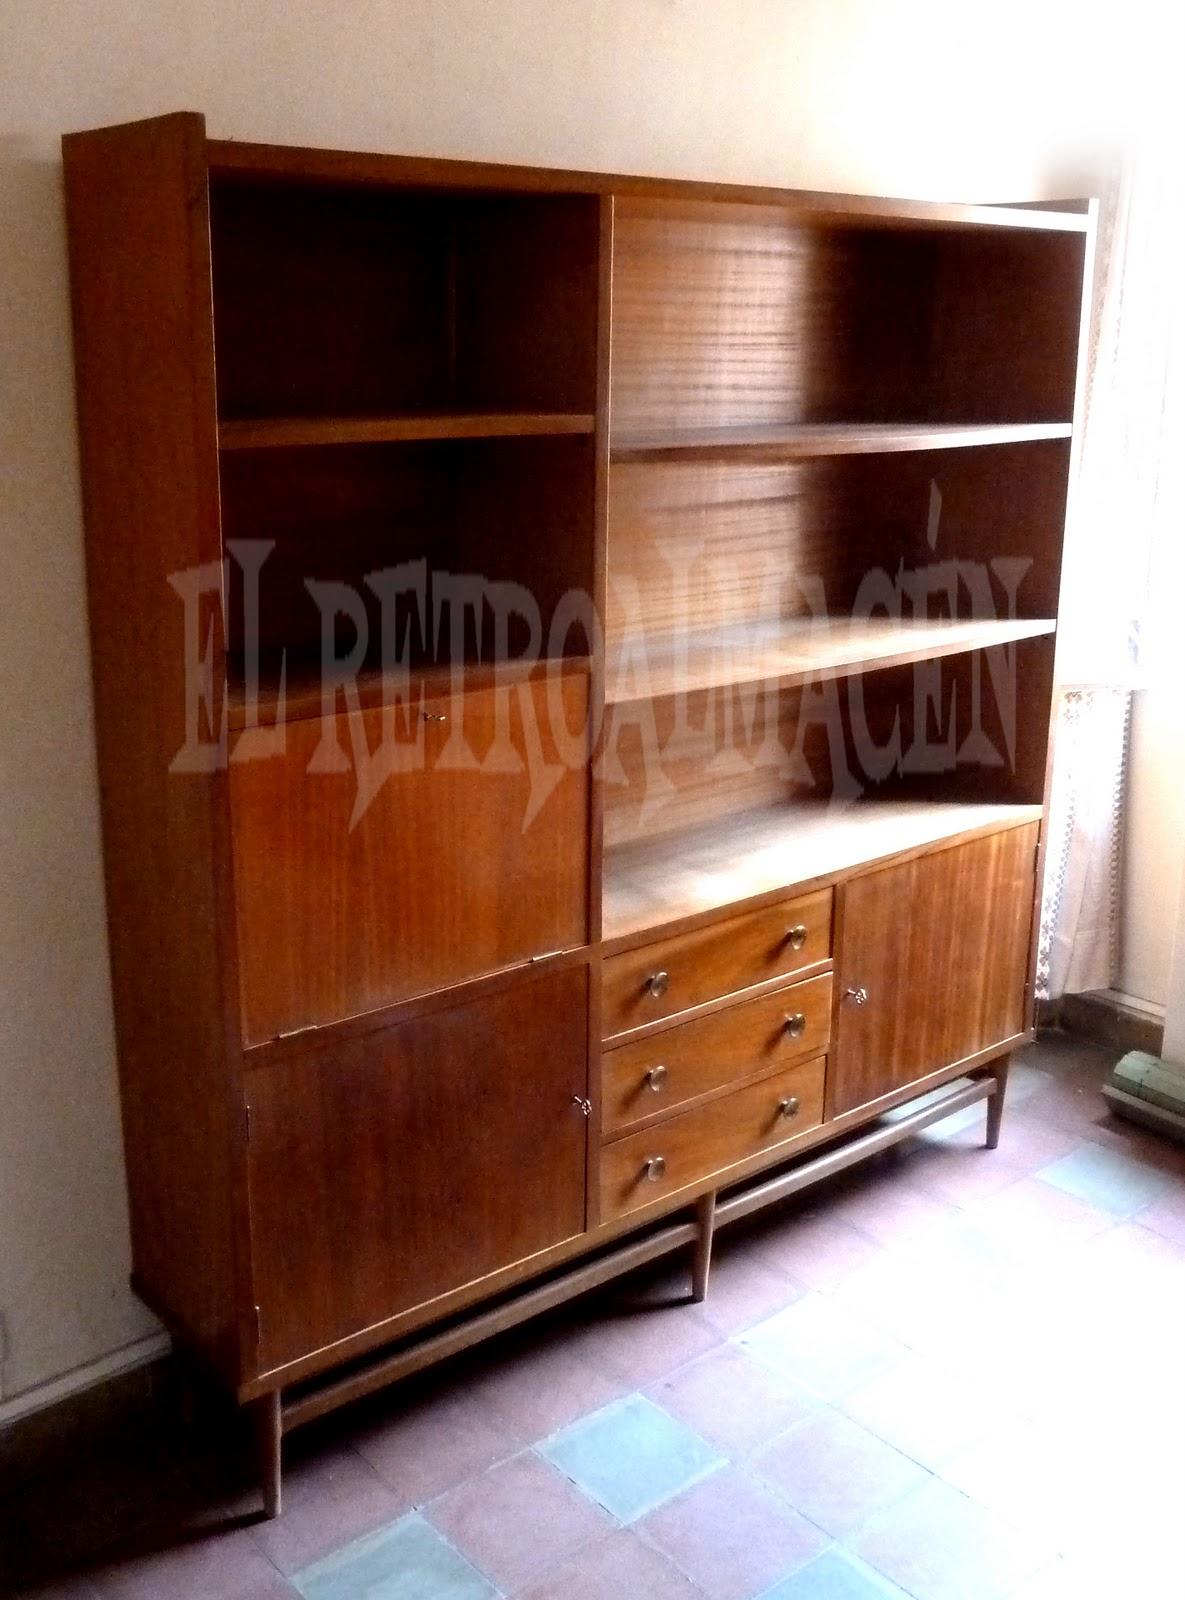 Retroalmacen tienda online de antig edades vintage y for Muebles online uruguay